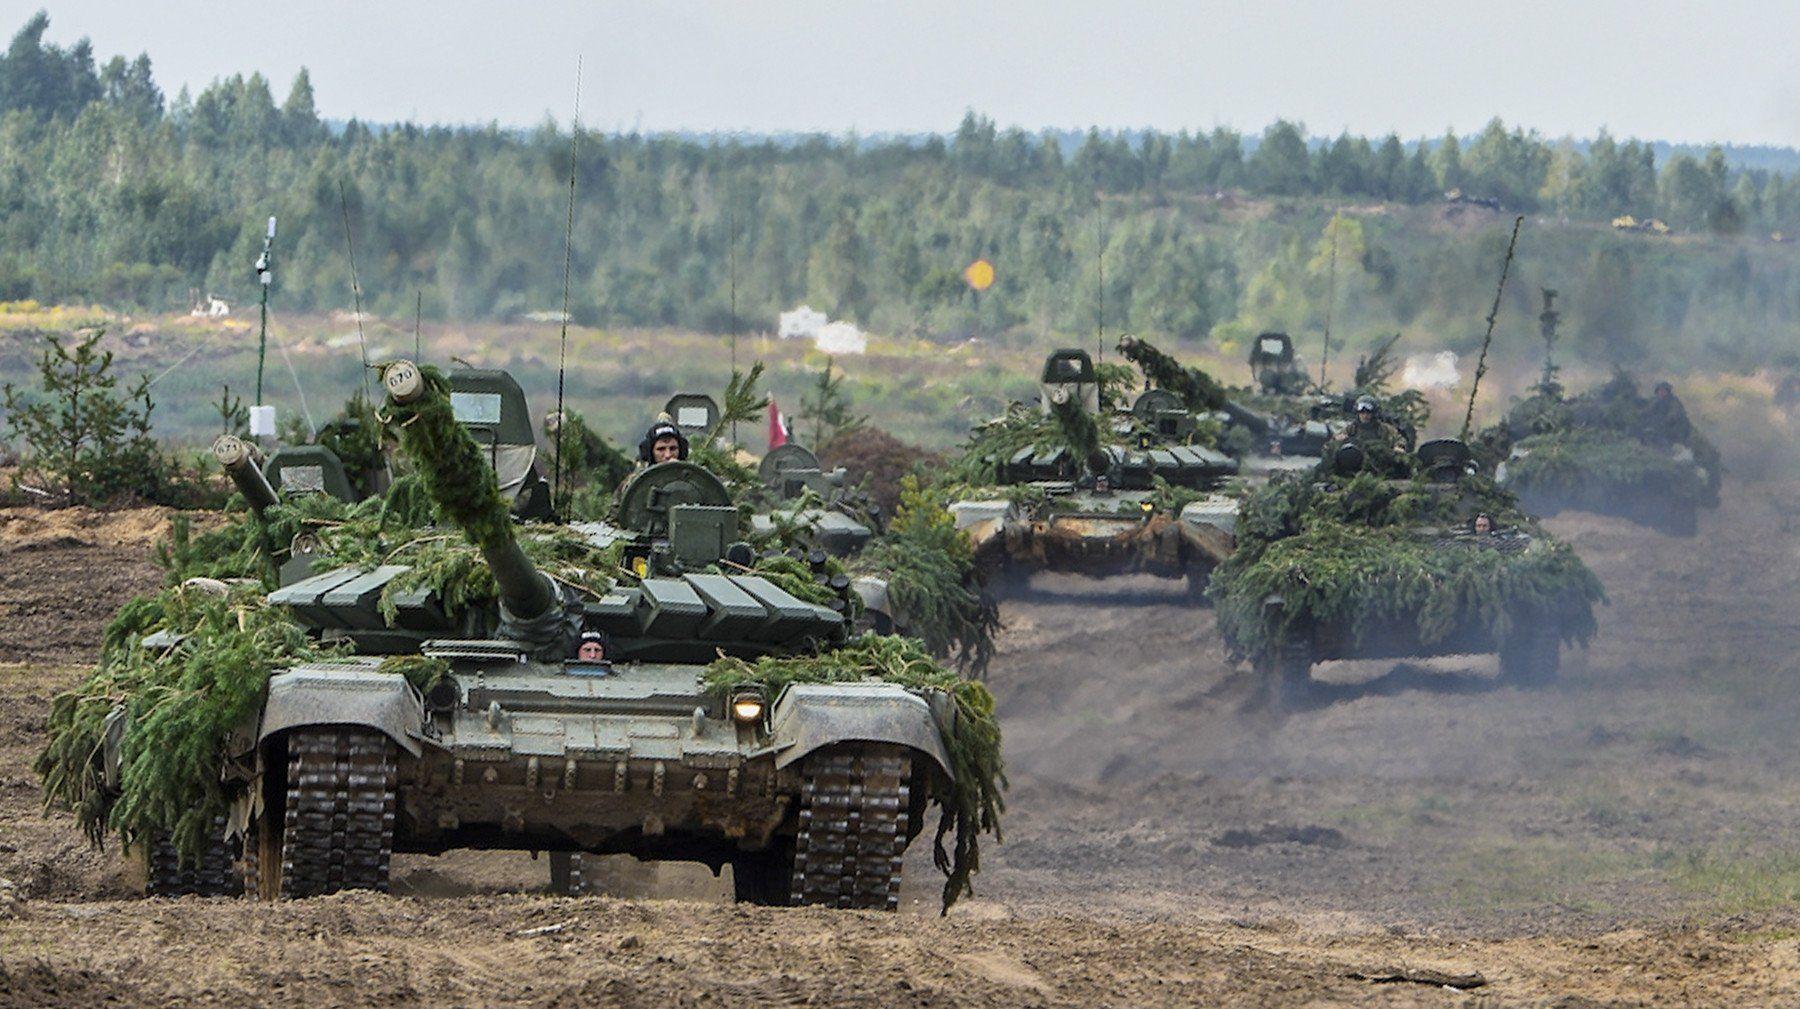 Конгресс США назвал учения «Запад-2021» подготовкой ВС РФ к будущему вторжению в Украину